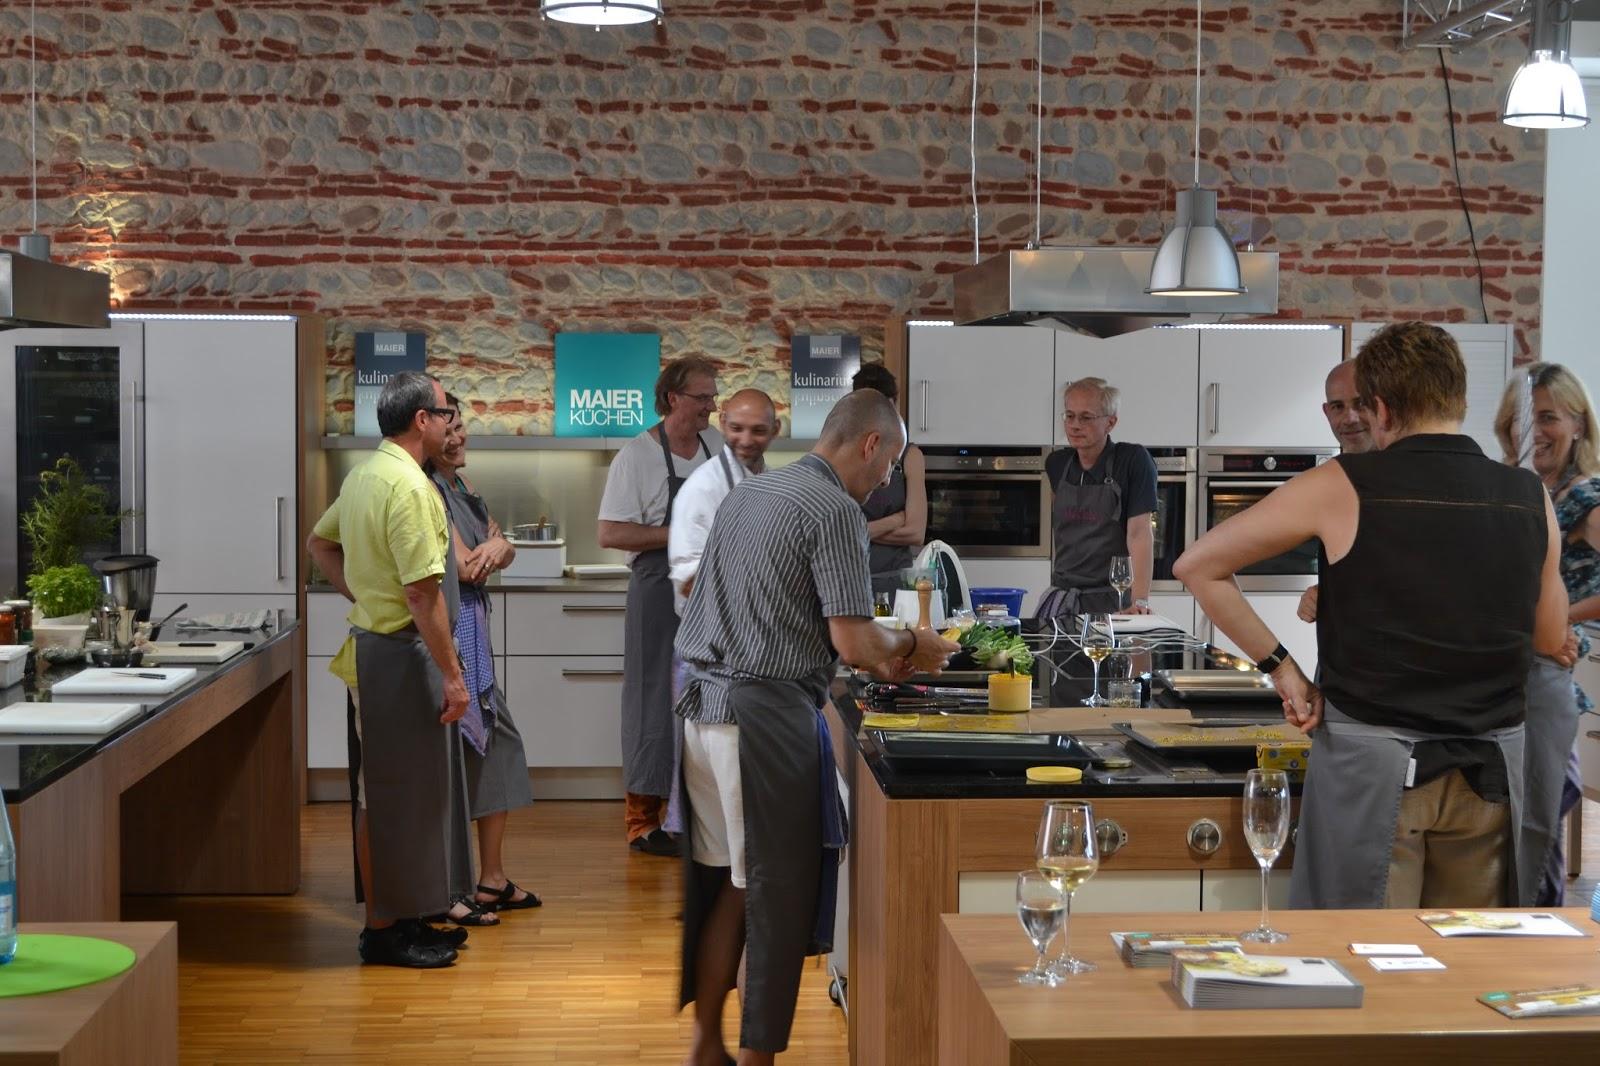 Merkles Blog: Kochkurs in Maier´s Küchenstudio in Bahlingen